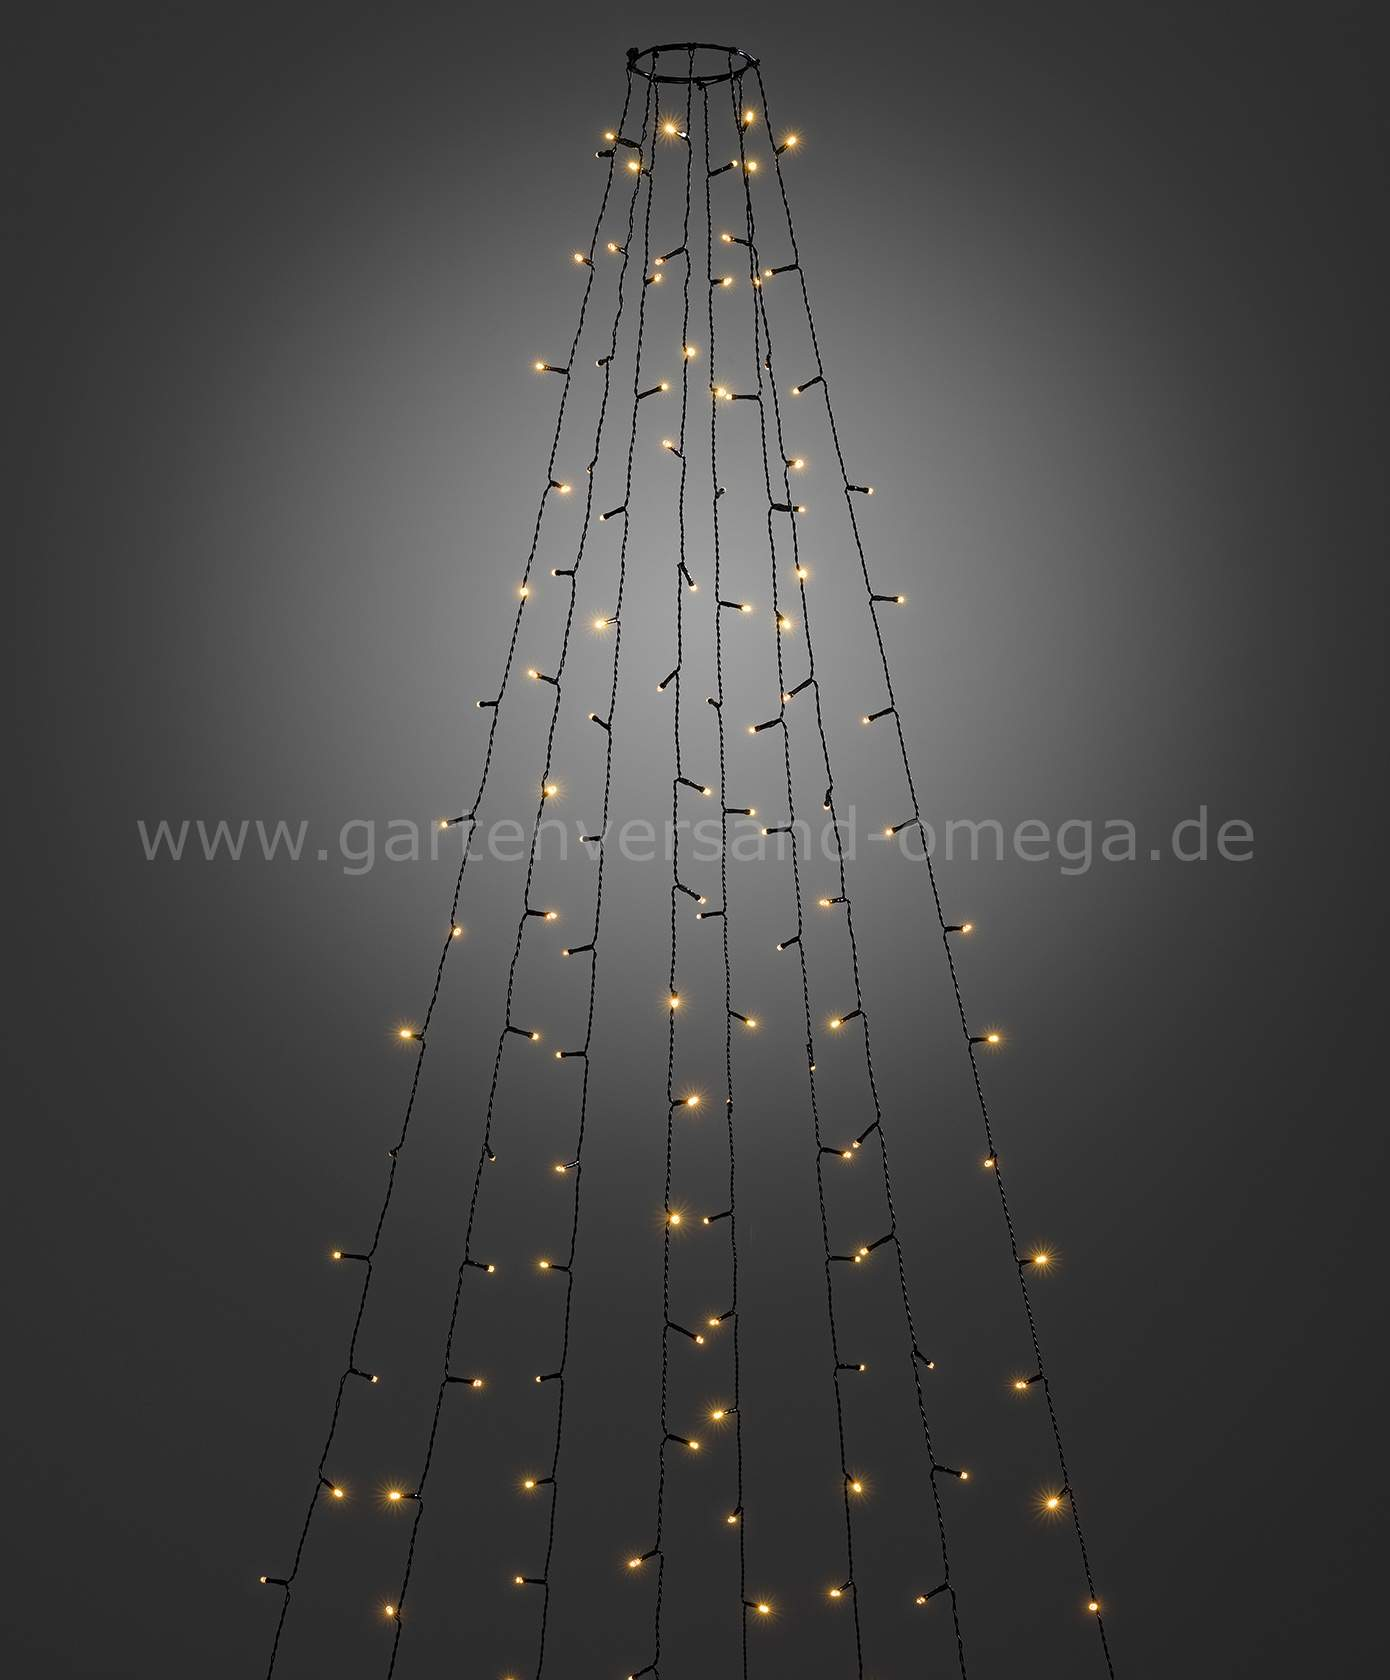 LED Baummantel Lichterkette fuer Aussen mit Glimmereffekt